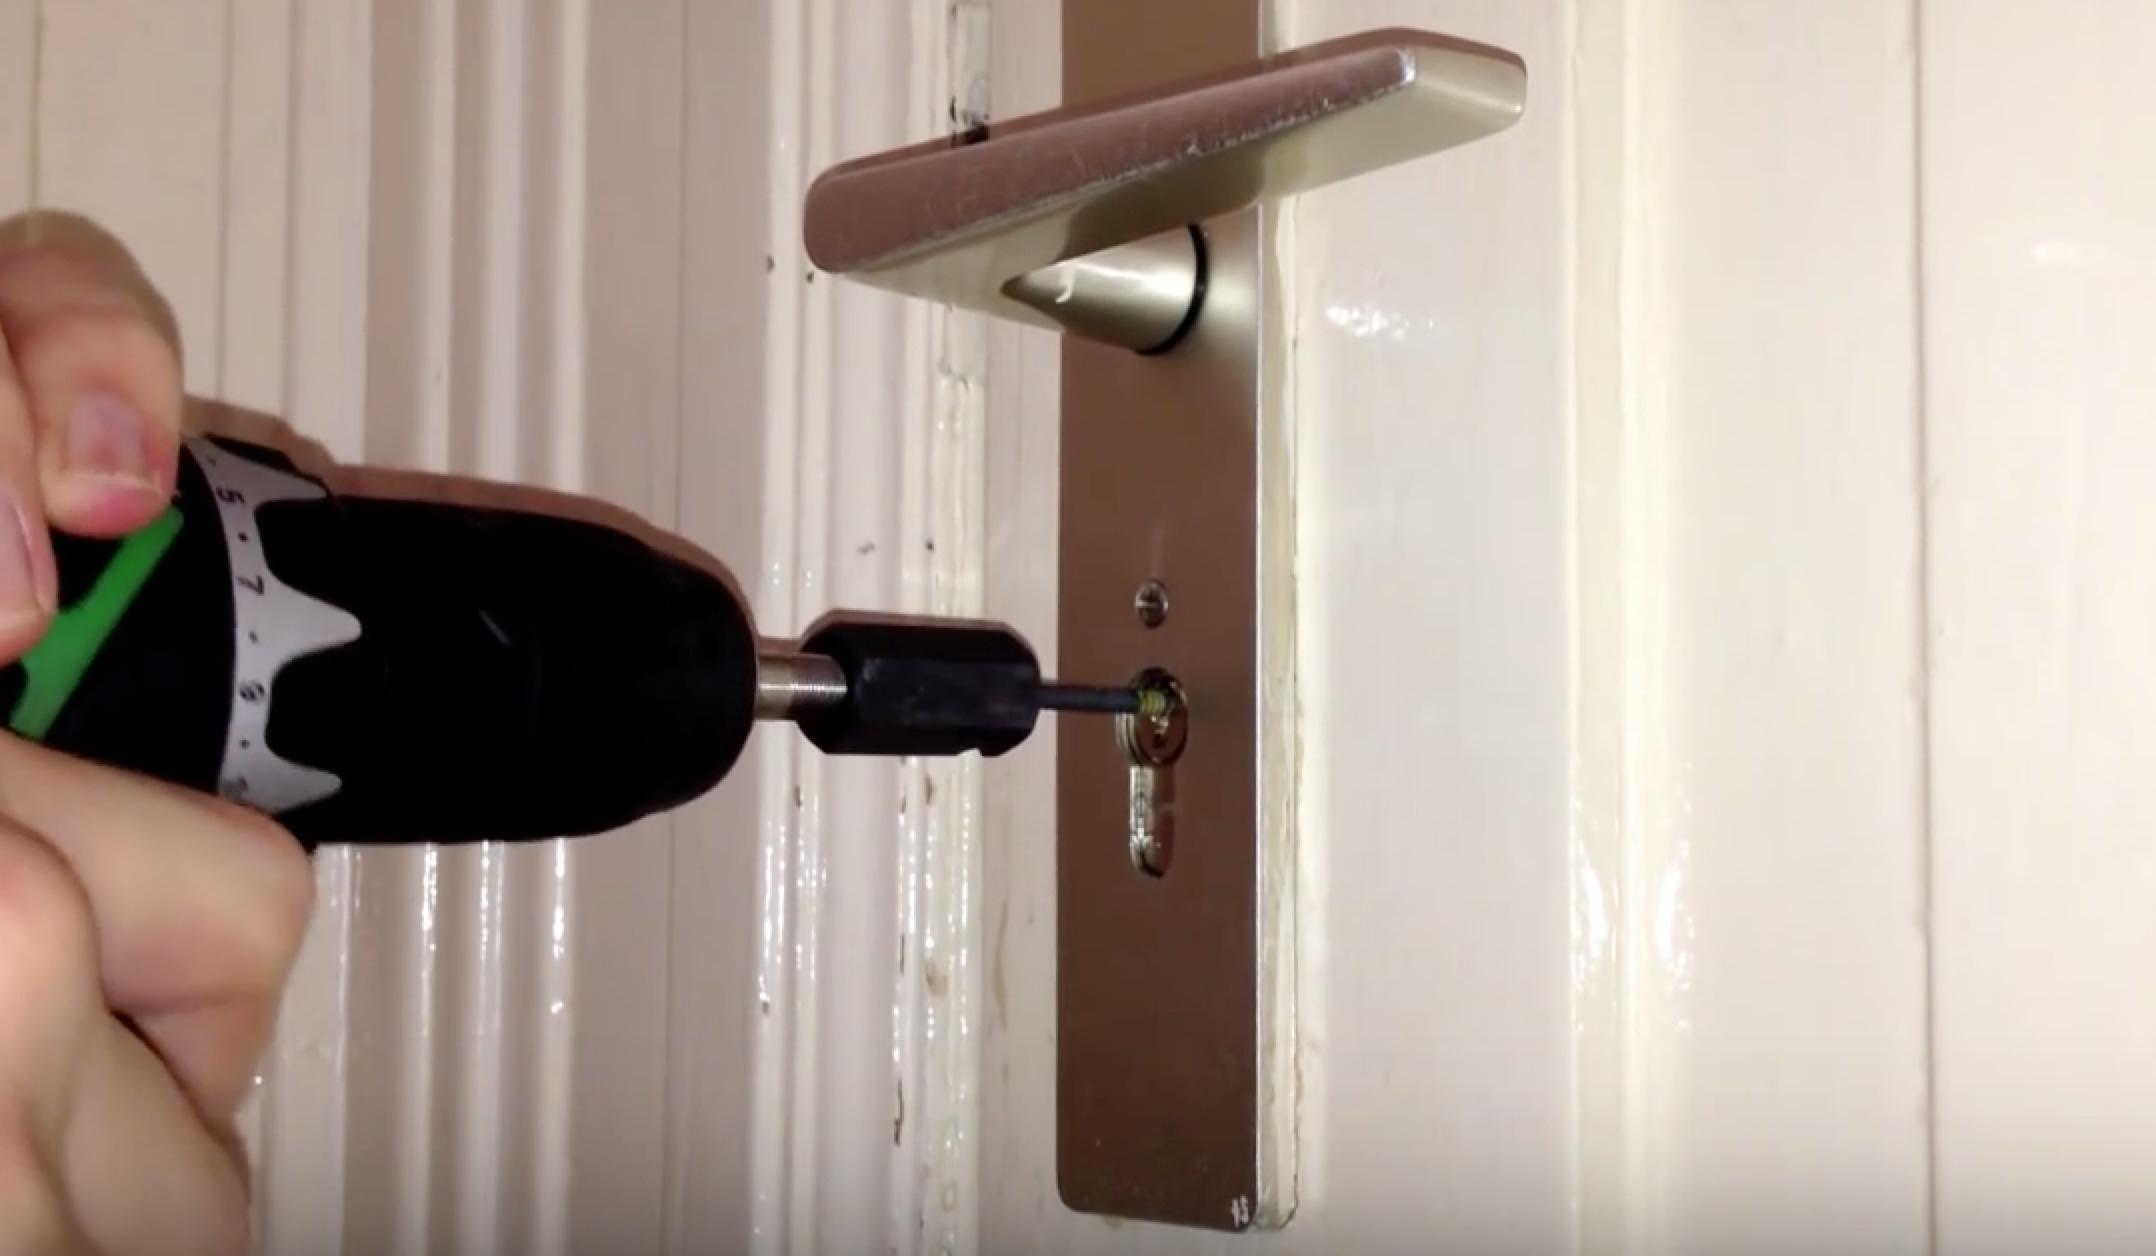 Häufig Geheim: Lockpicking Werkzeug für Dummies | Elektroschock XT33